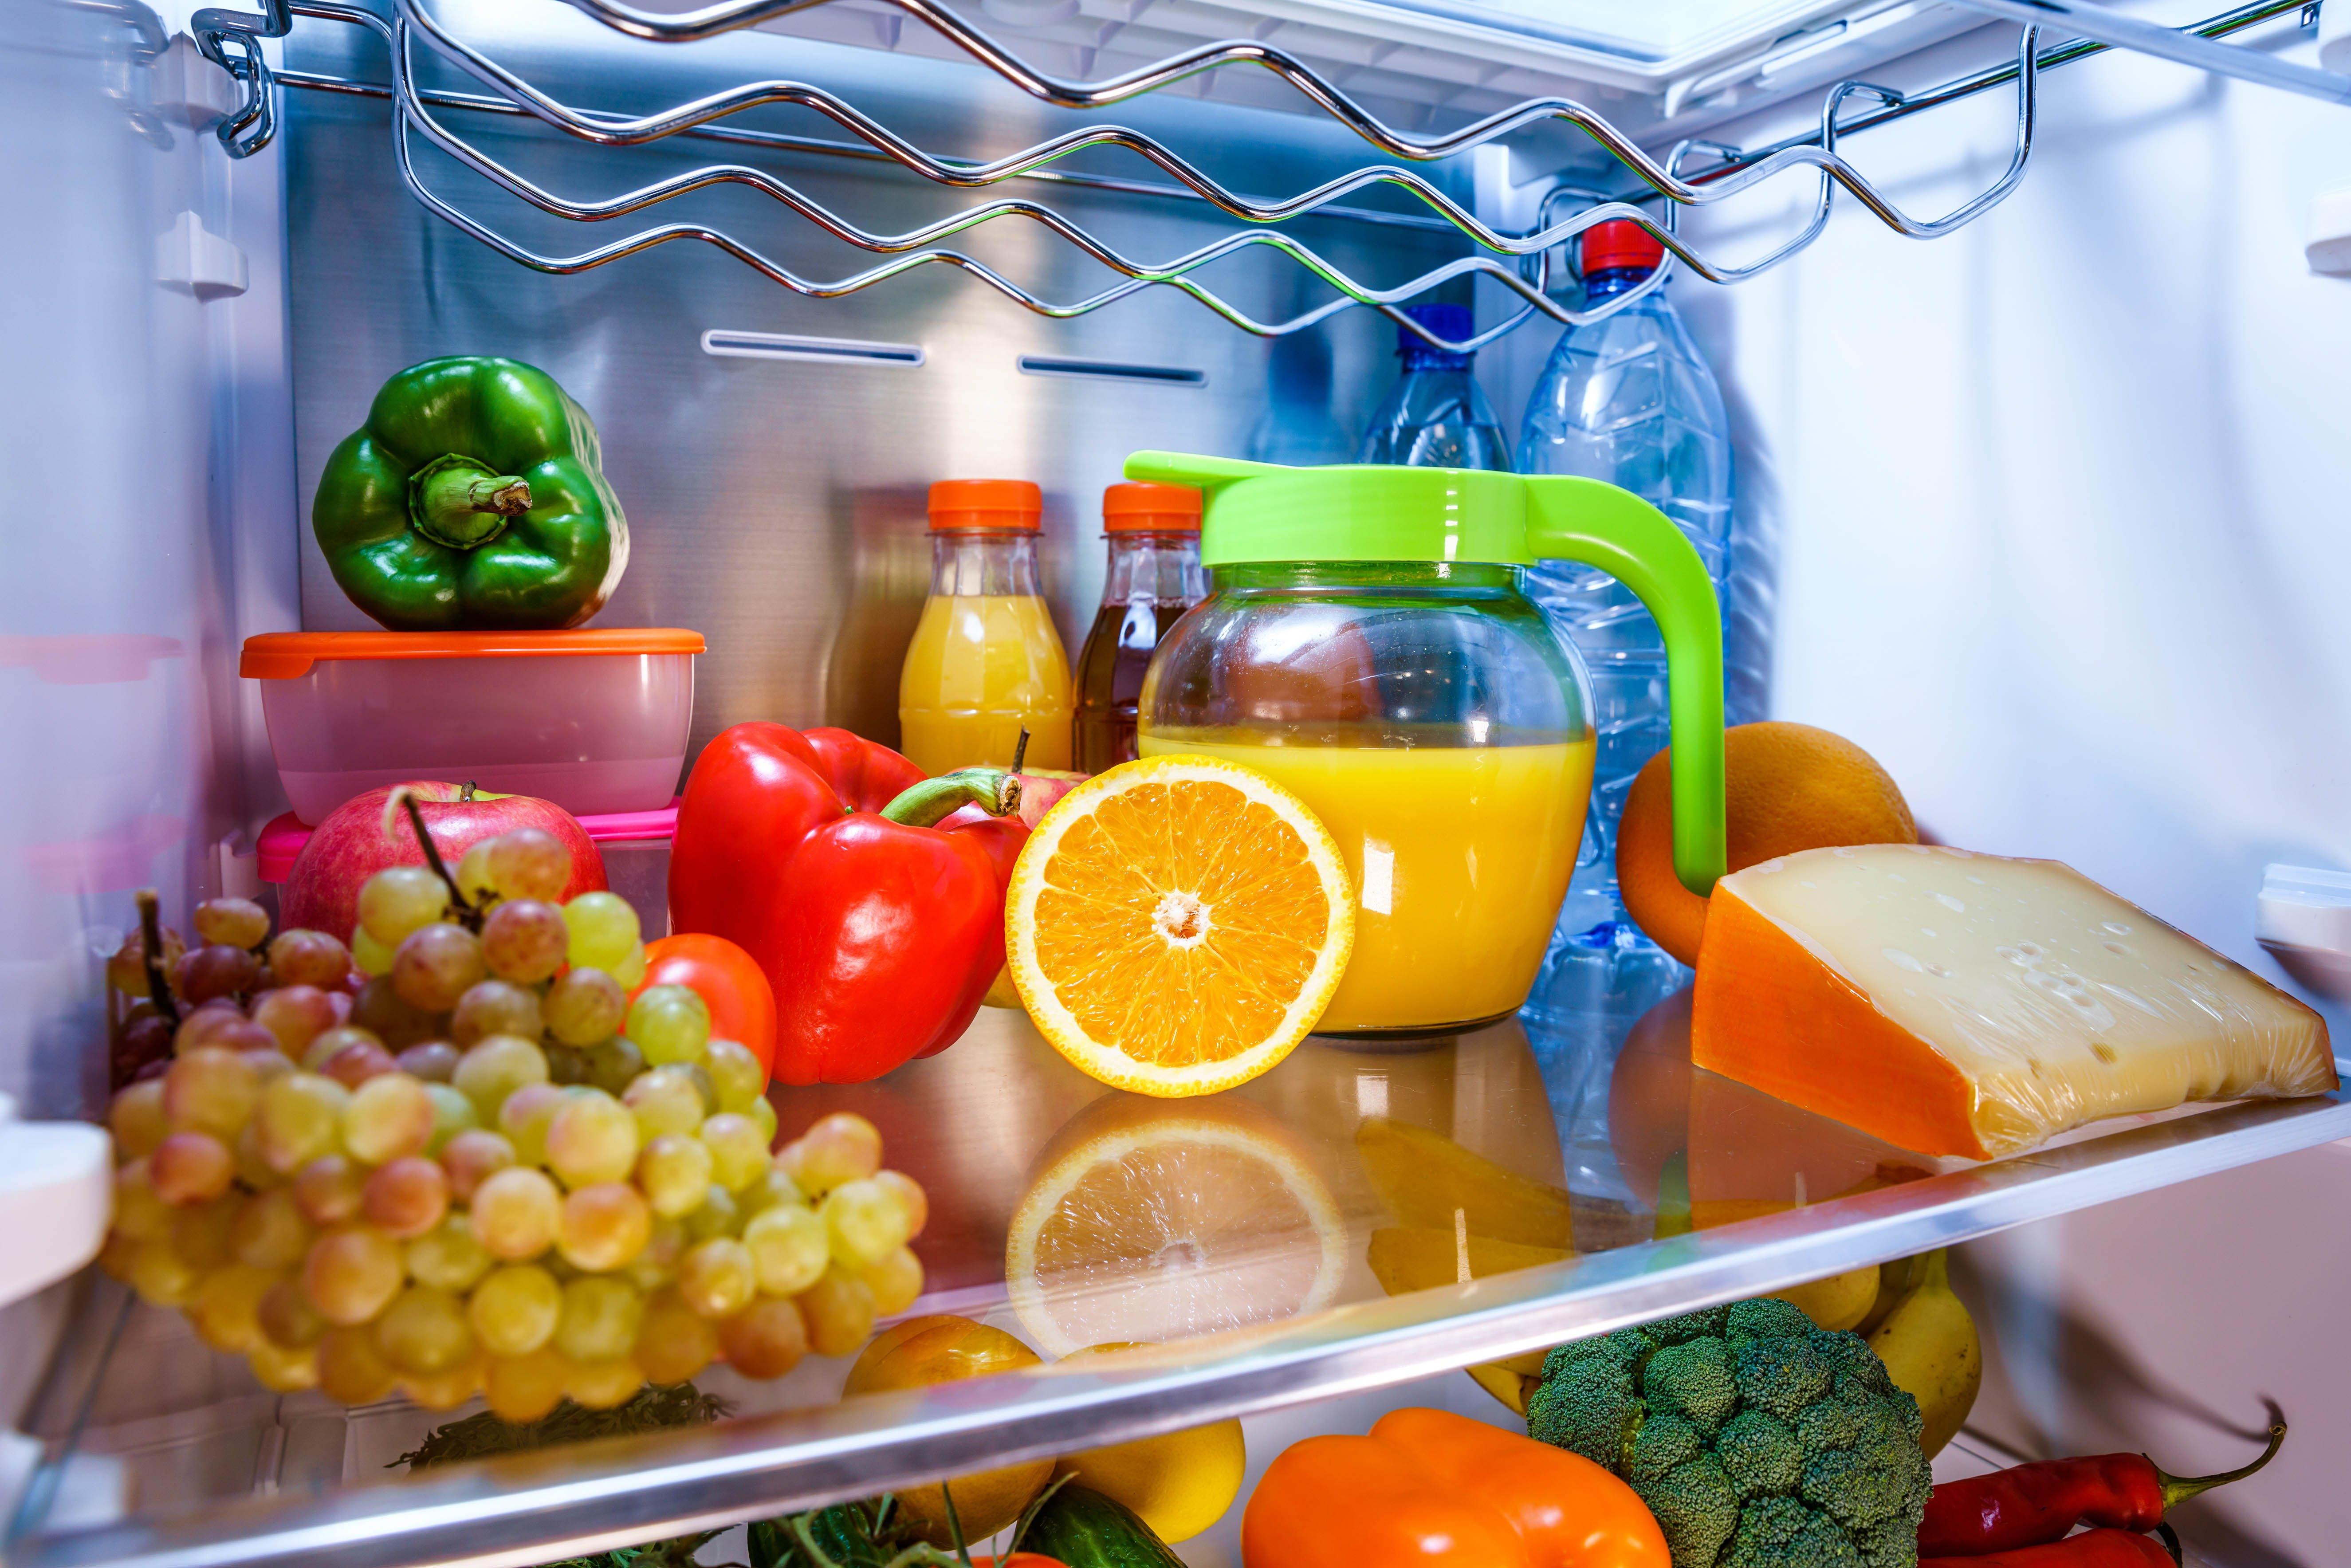 adentro de la refrigeradora